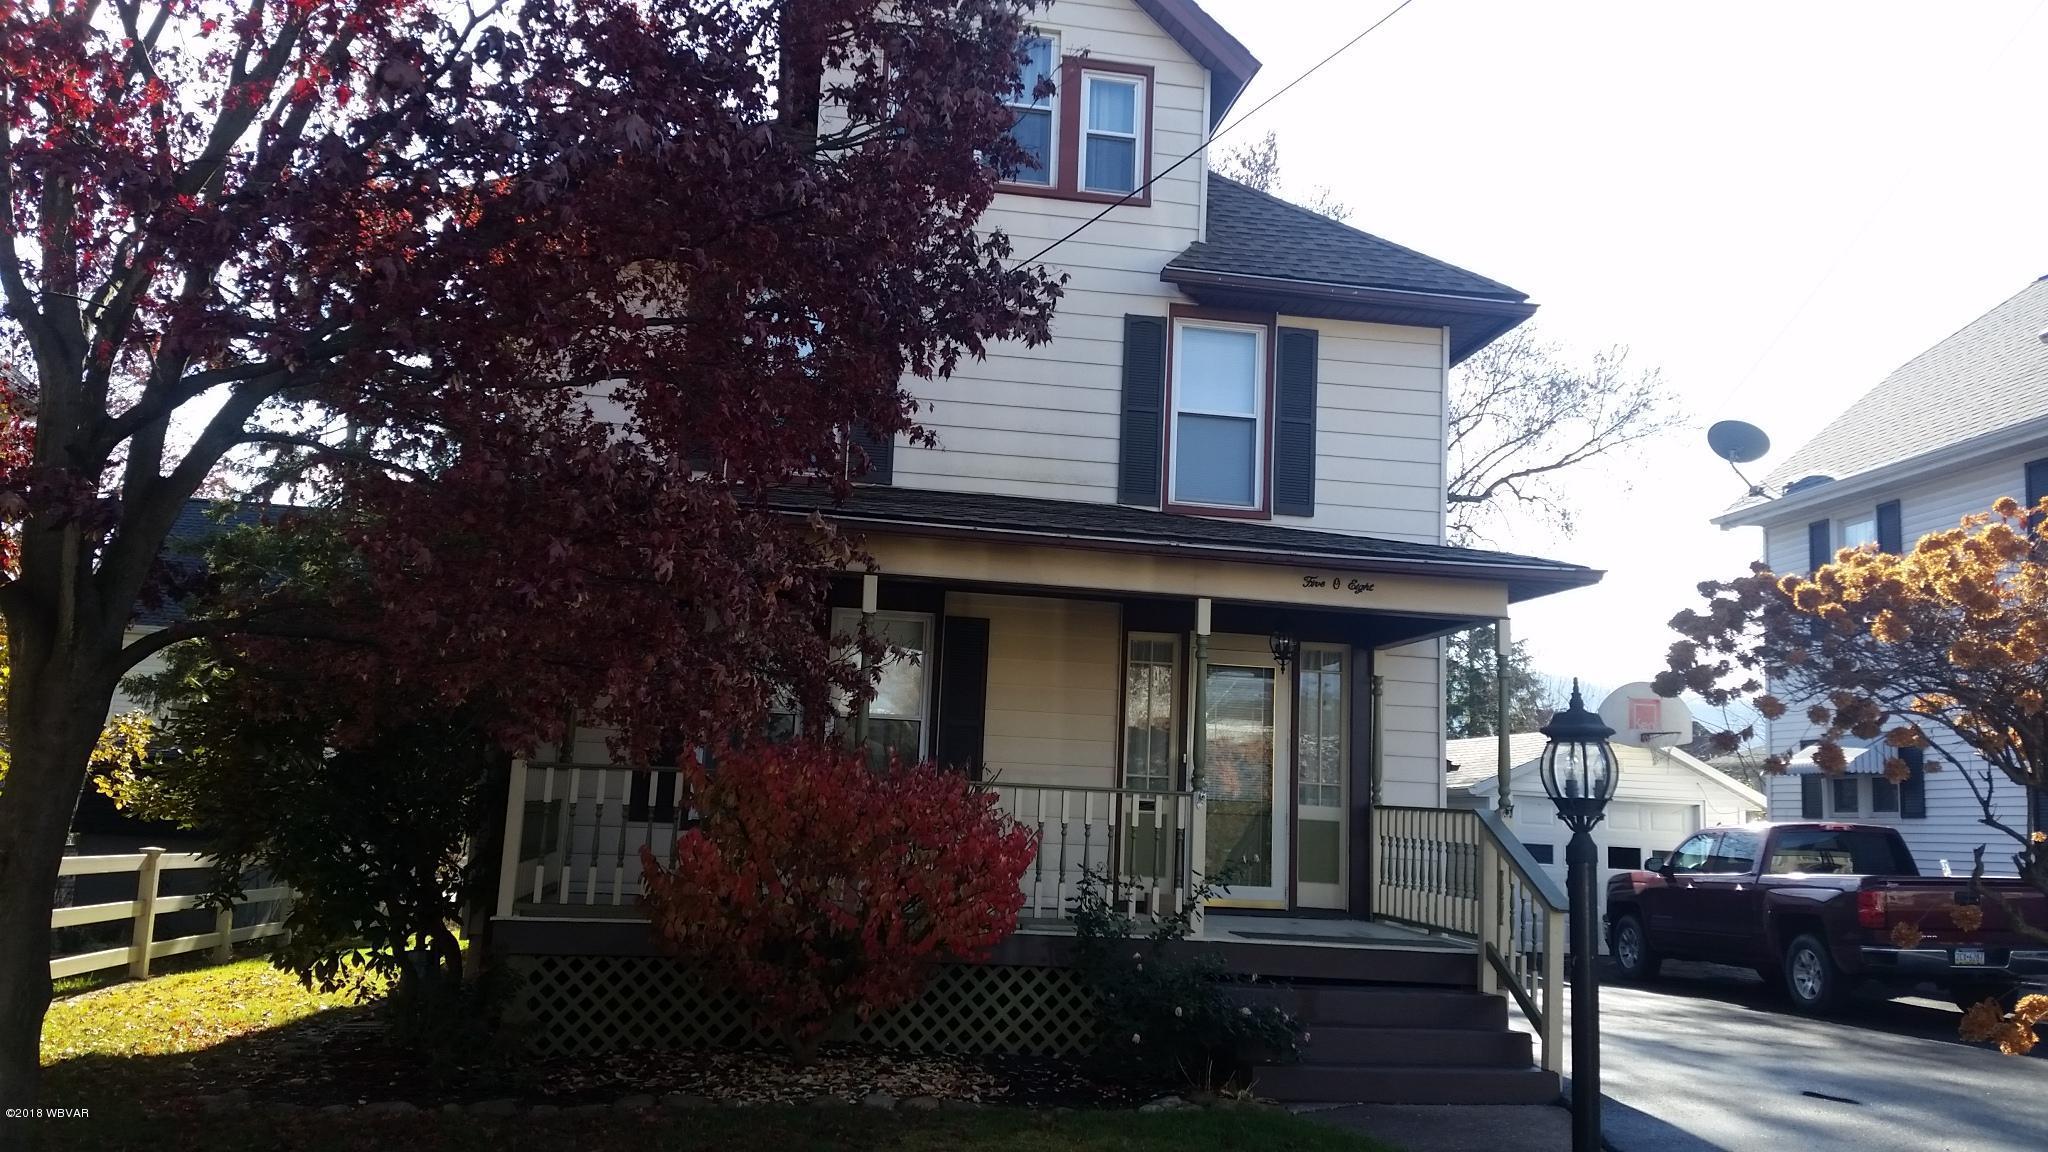 508 MAPLE STREET,Lock Haven,PA 17745,4 Bedrooms Bedrooms,2 BathroomsBathrooms,Resid-lease/rental,MAPLE,WB-87633